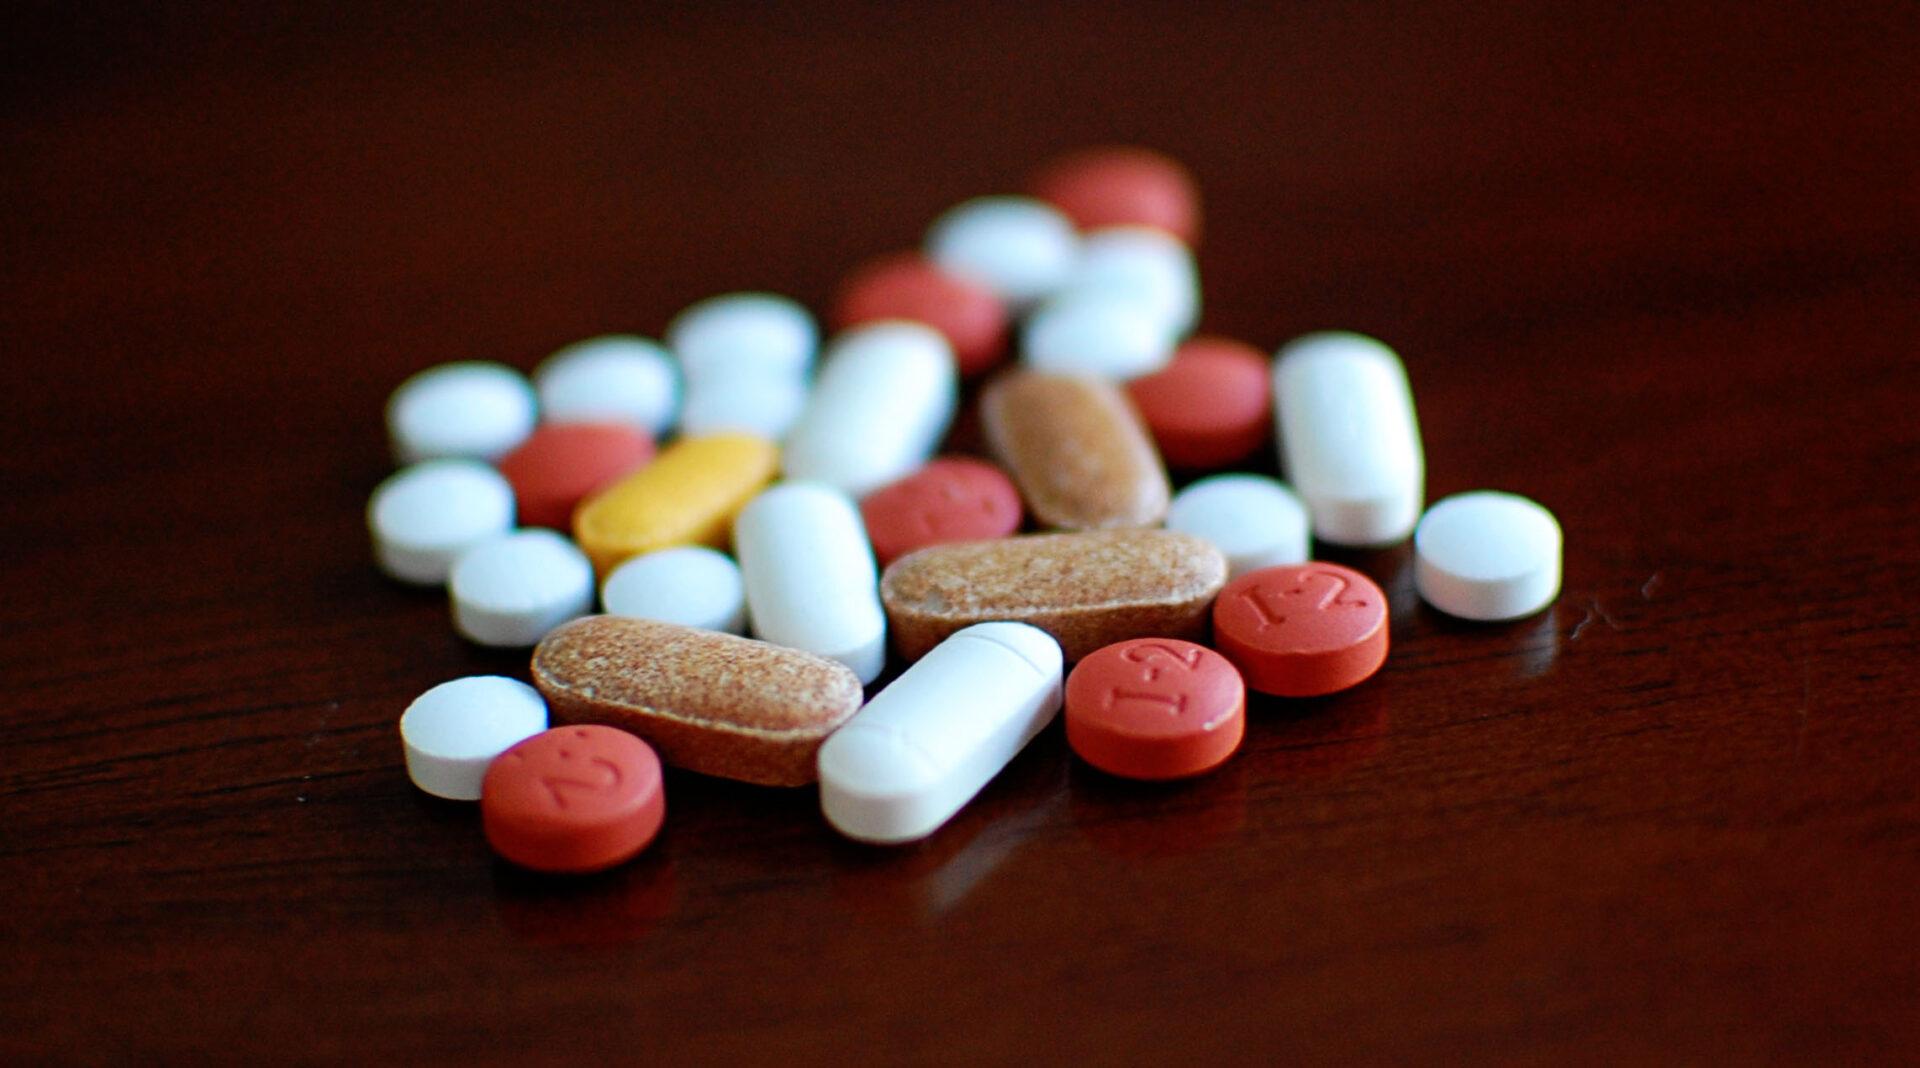 Perorální léky (foto Jamie)